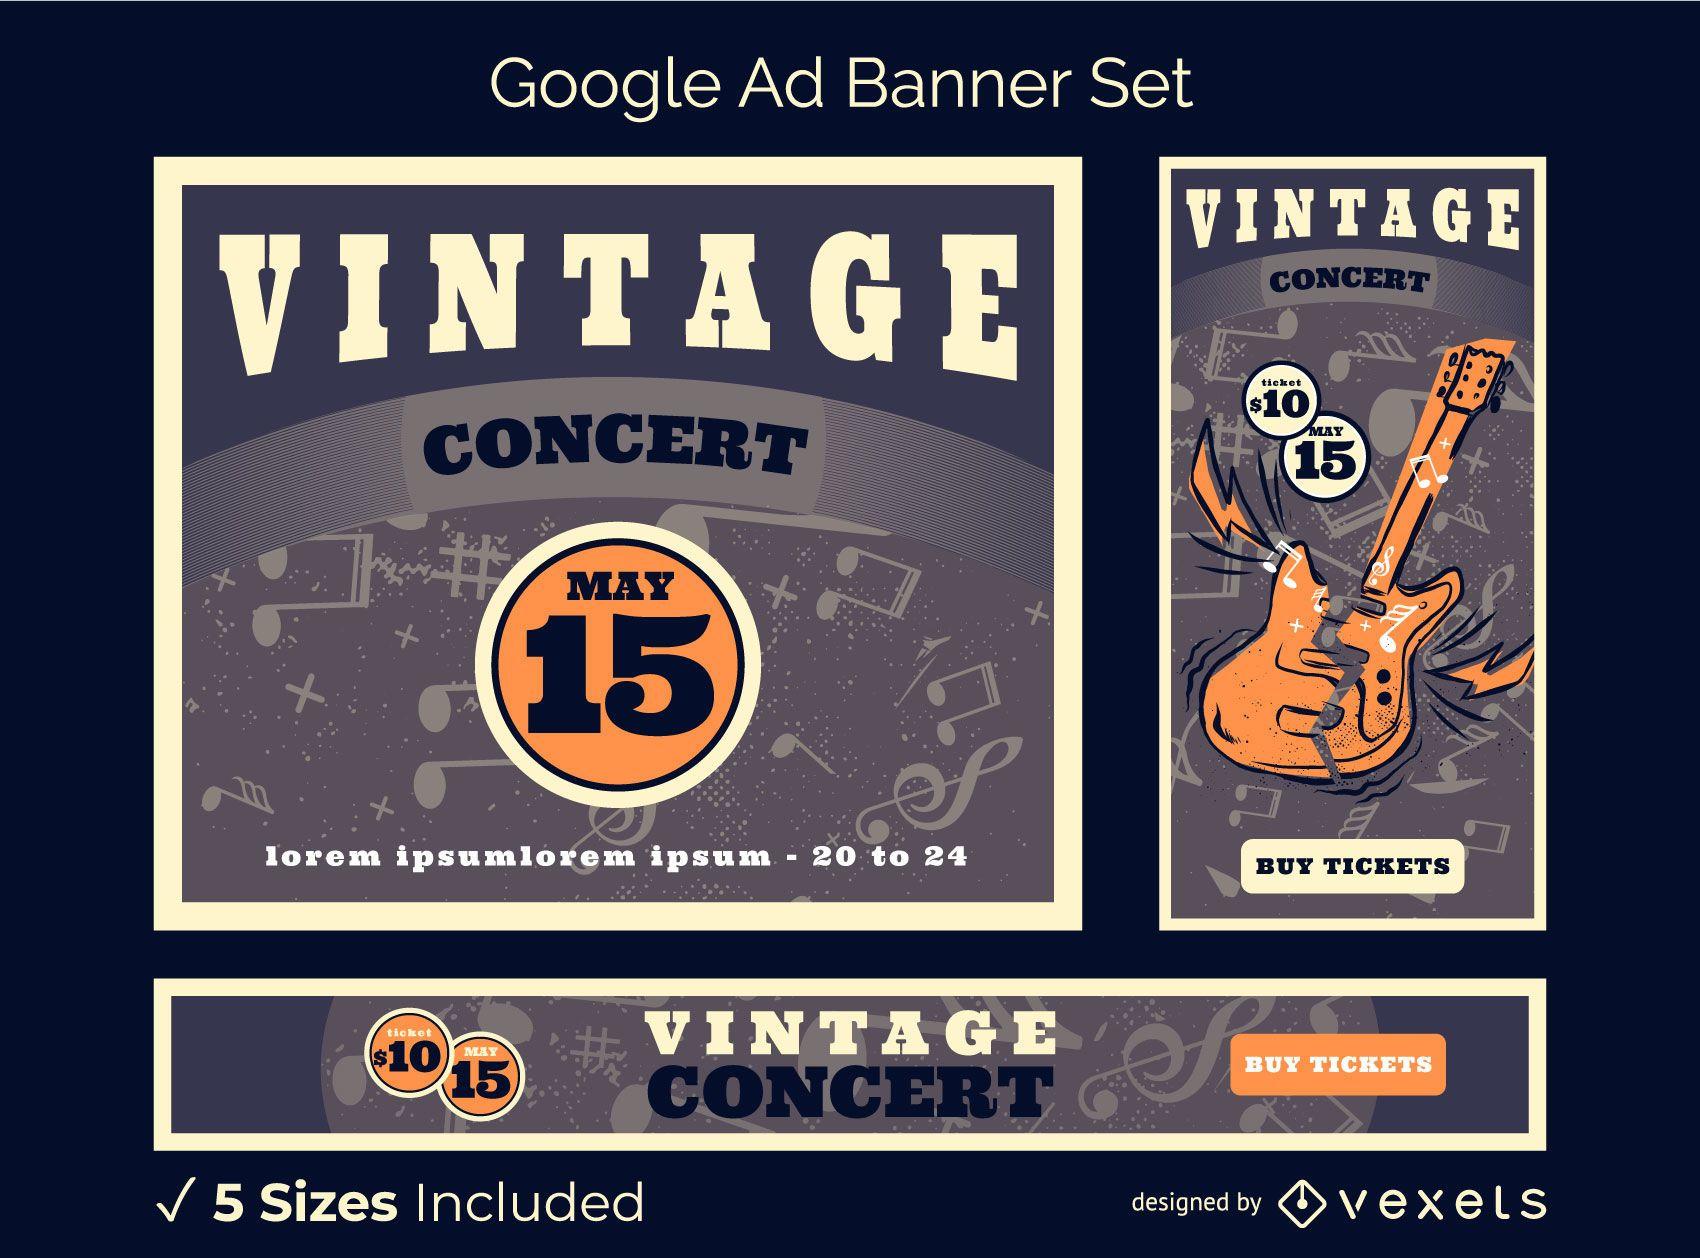 Pacote de banners do Google Ads para shows antigos